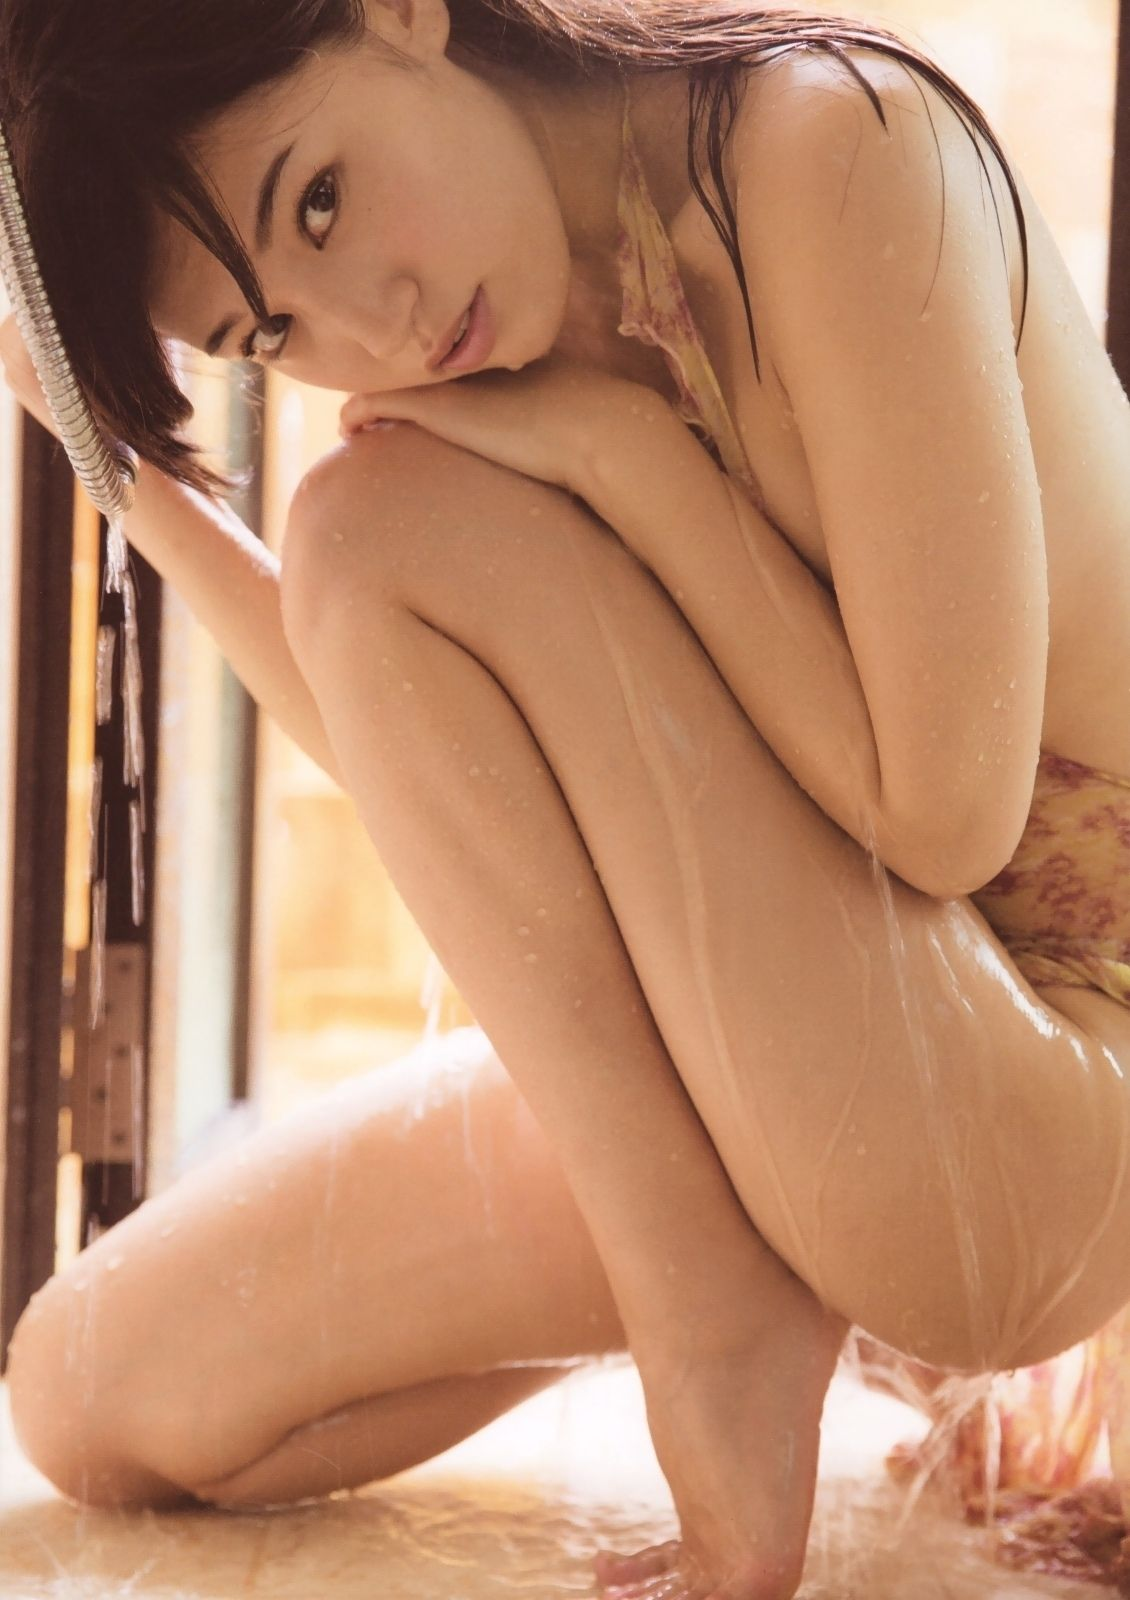 Elizabeth hurley nude cum on face